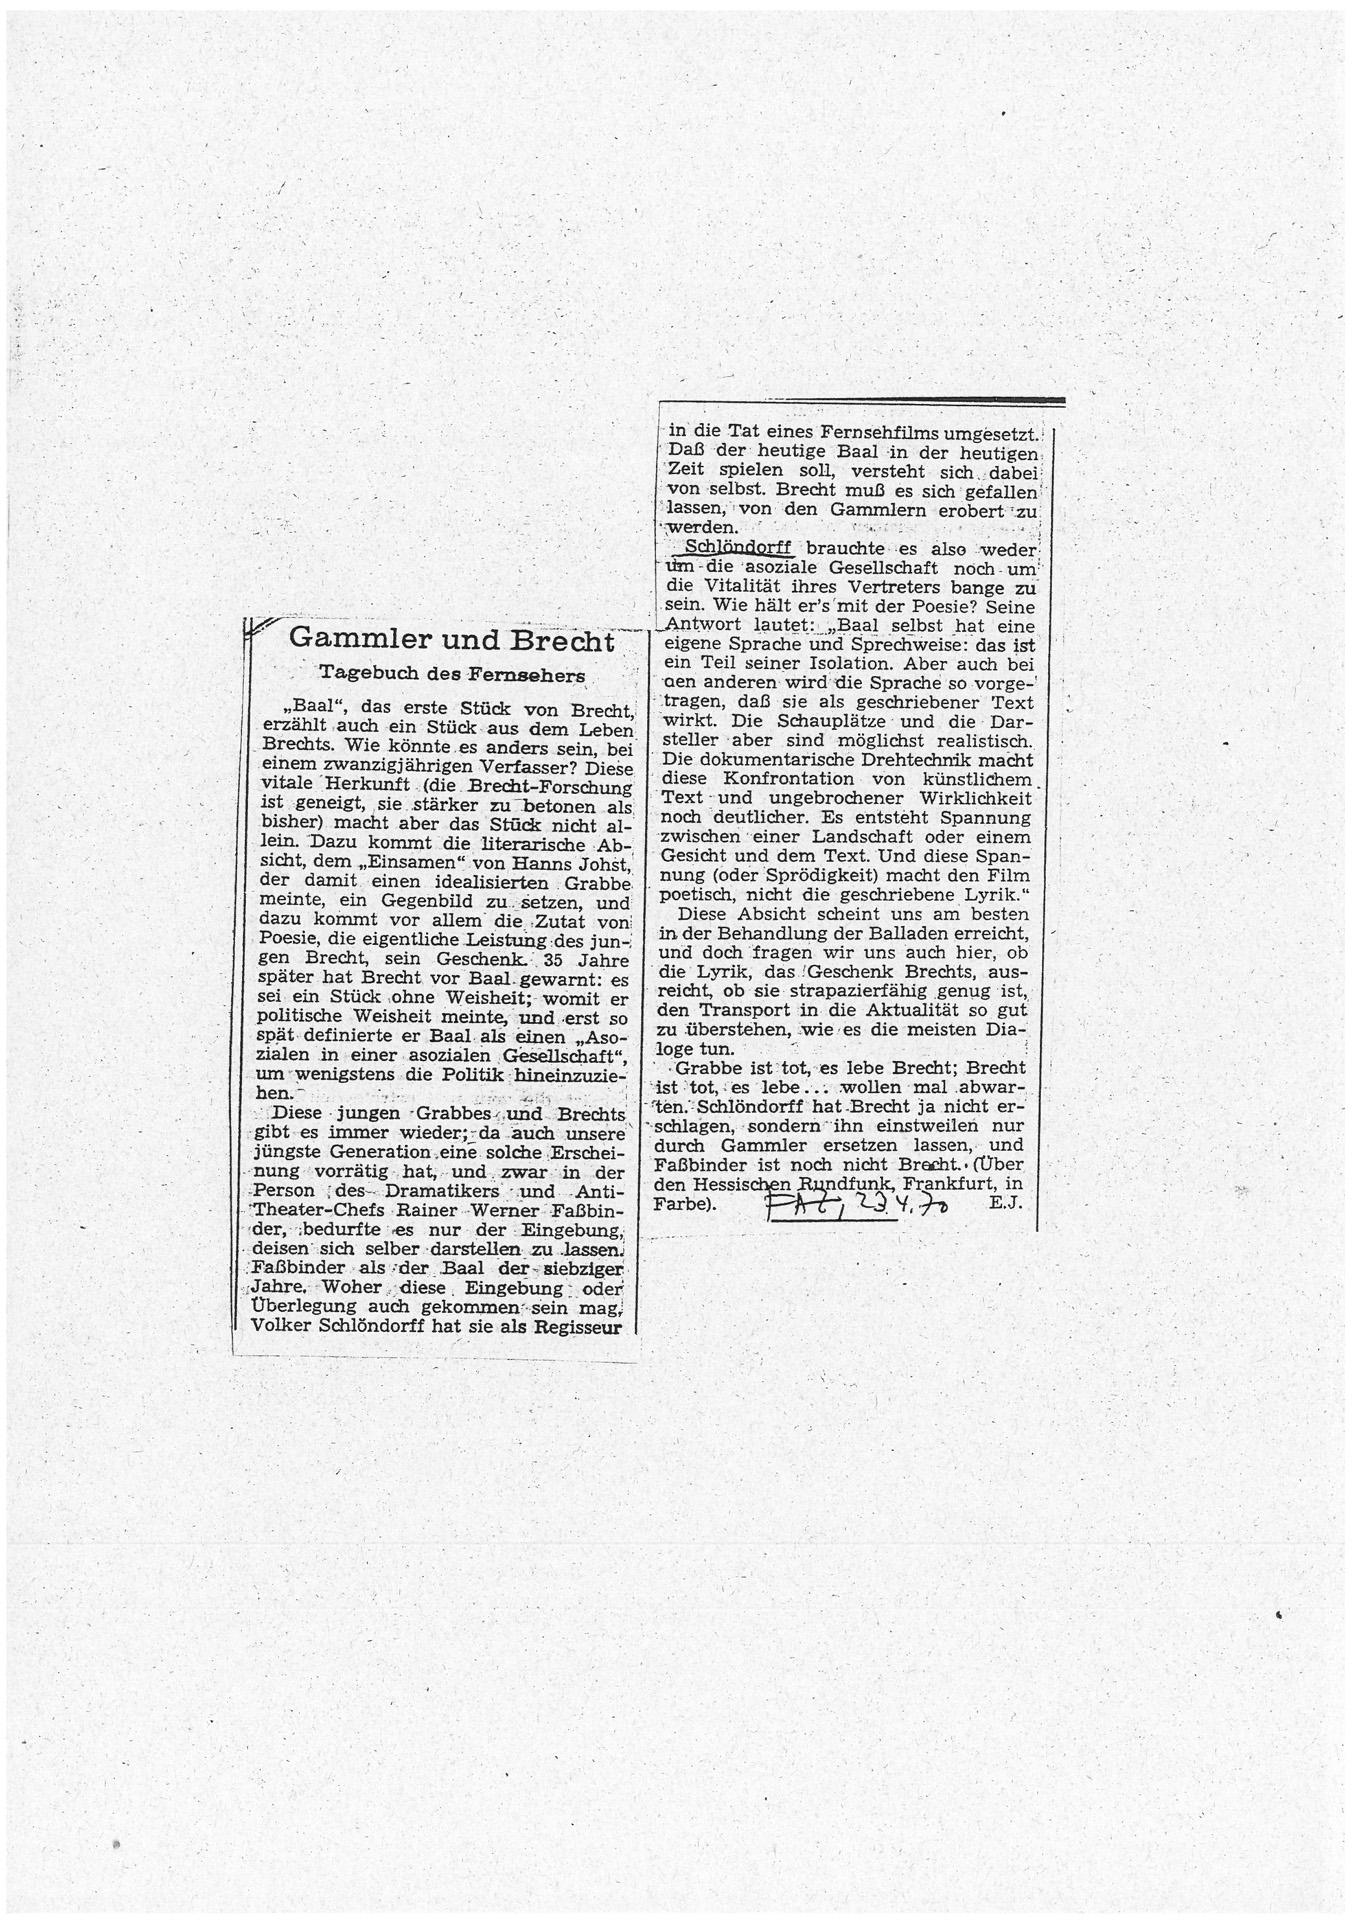 BAAL // Presse // Filmkritik Frankfurter Allgemeine Zeitung 2